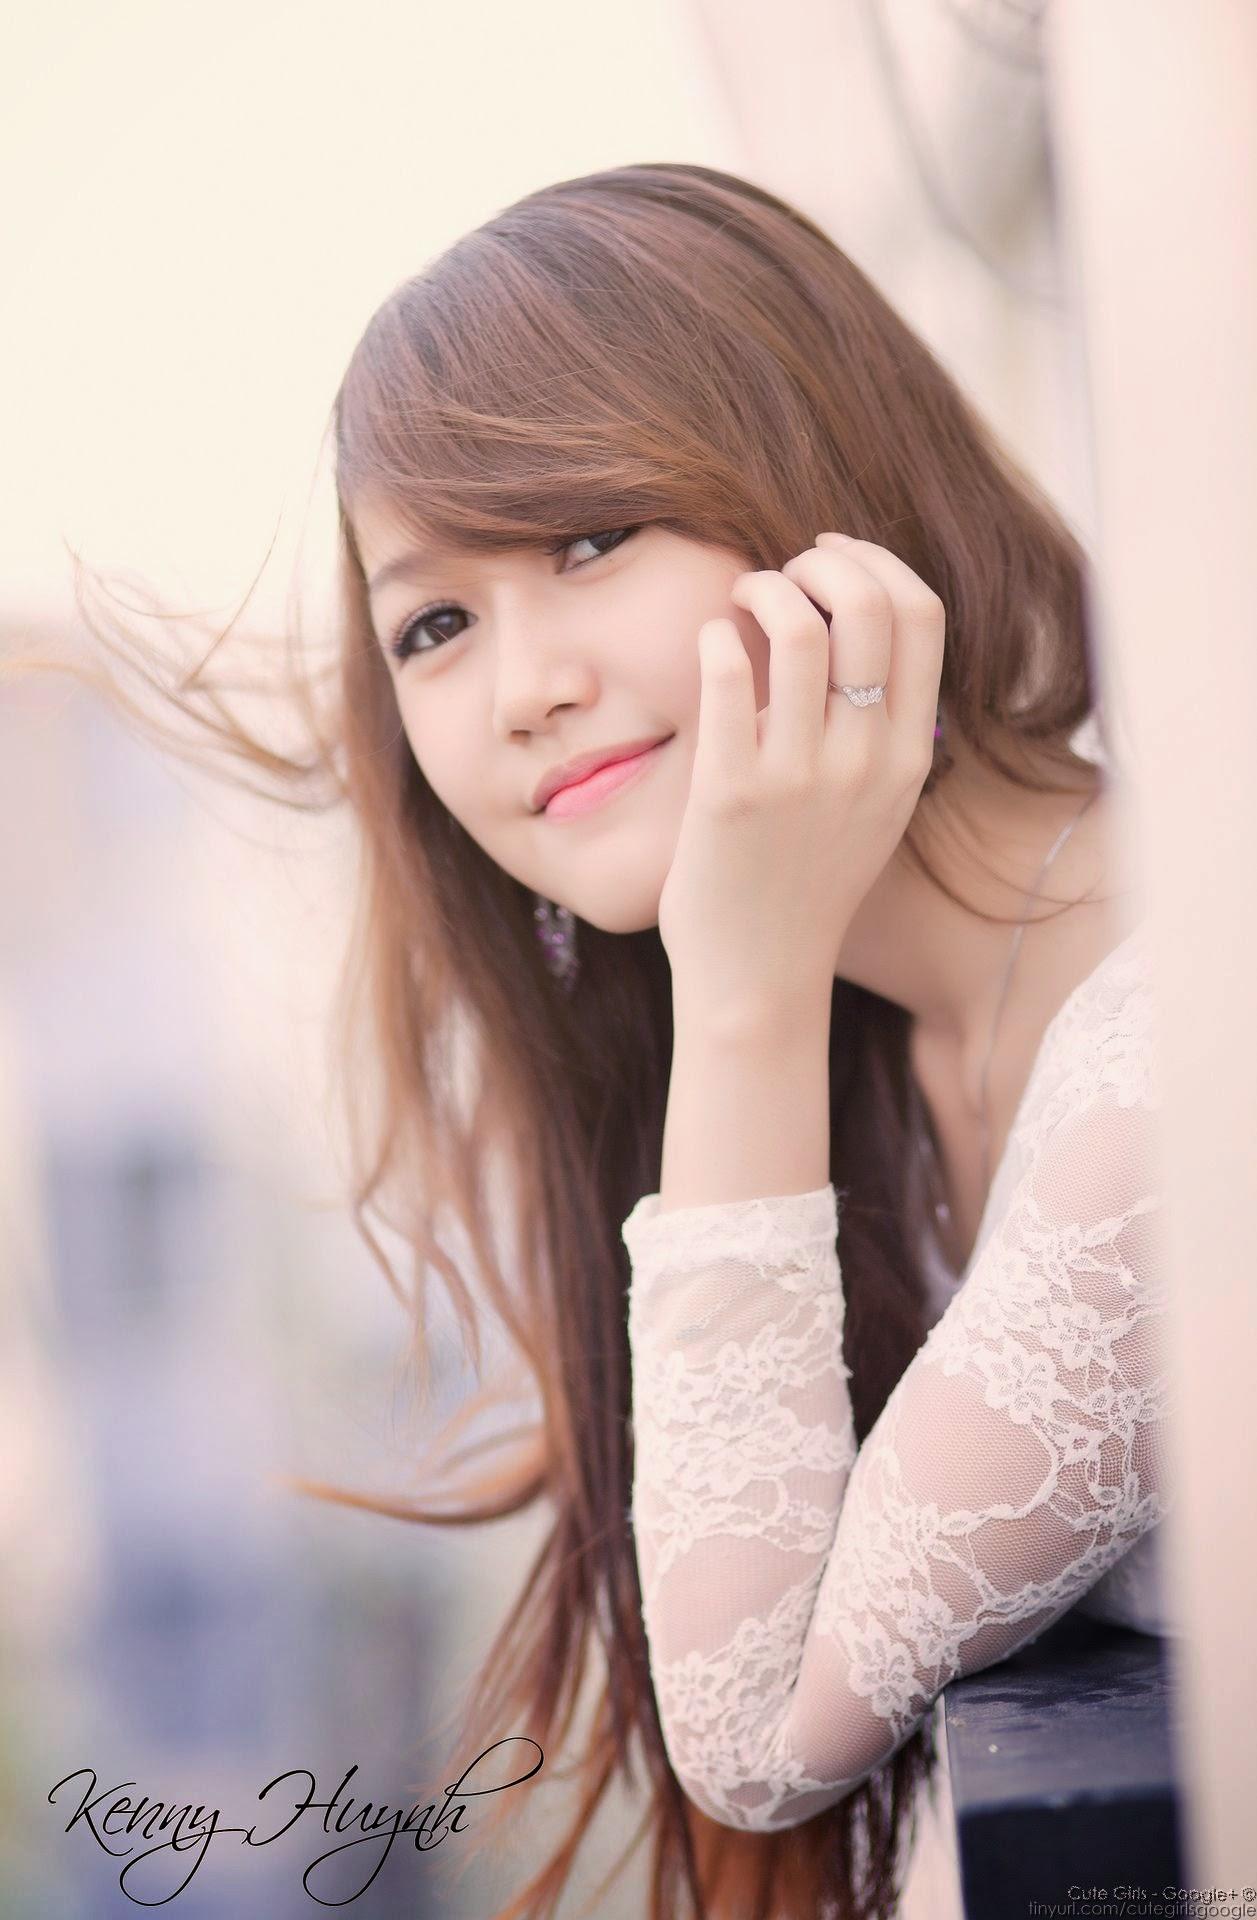 hinh-girl-xinh-de-thuong-lam-hinh-nen-dien-thoai-15